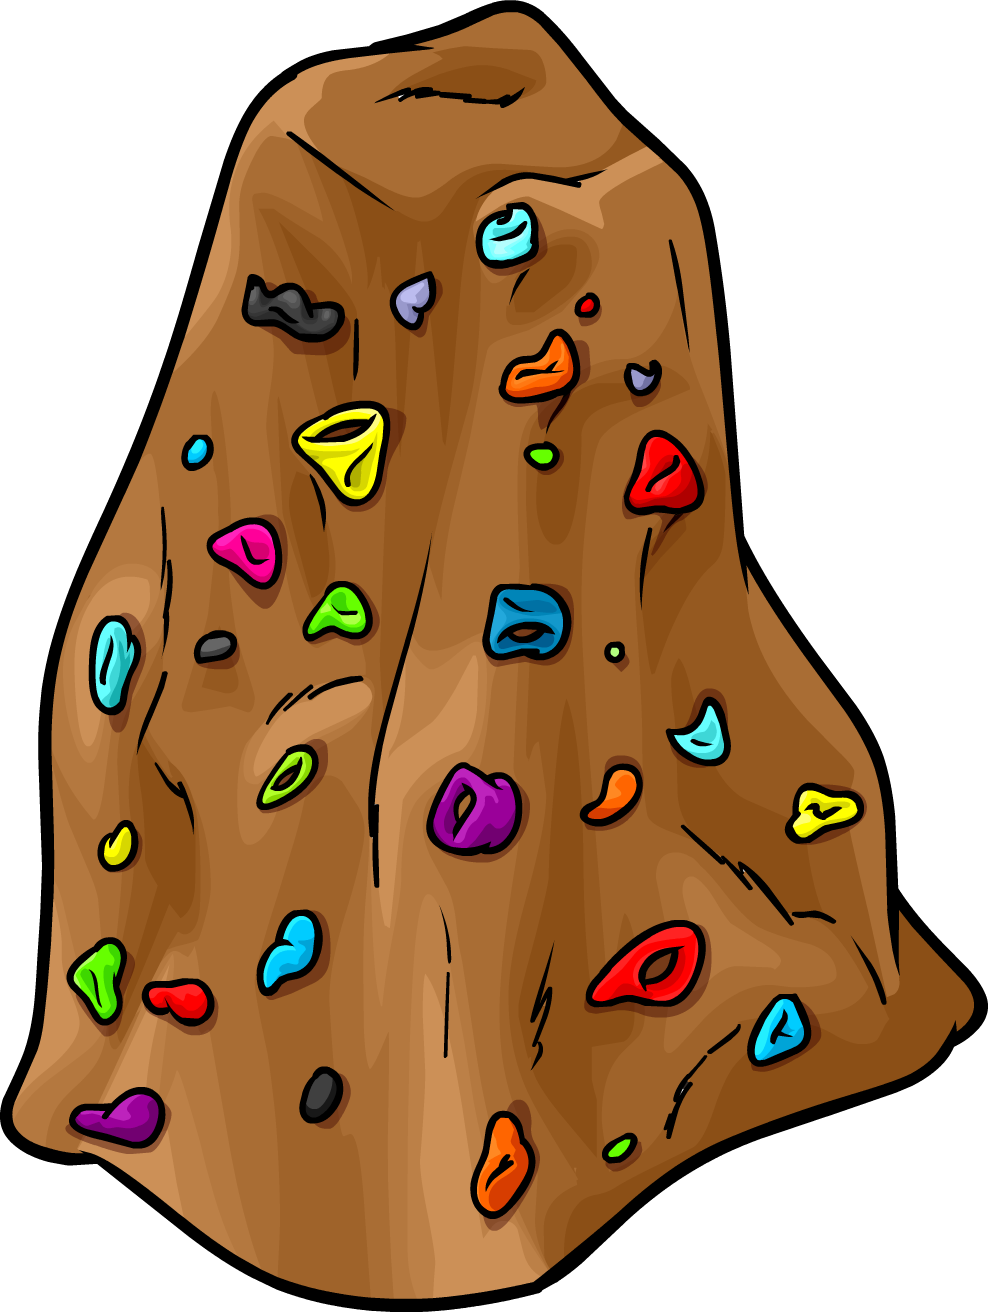 988x1312 Rock Climbing Wall Clipart – 101 Clip Art